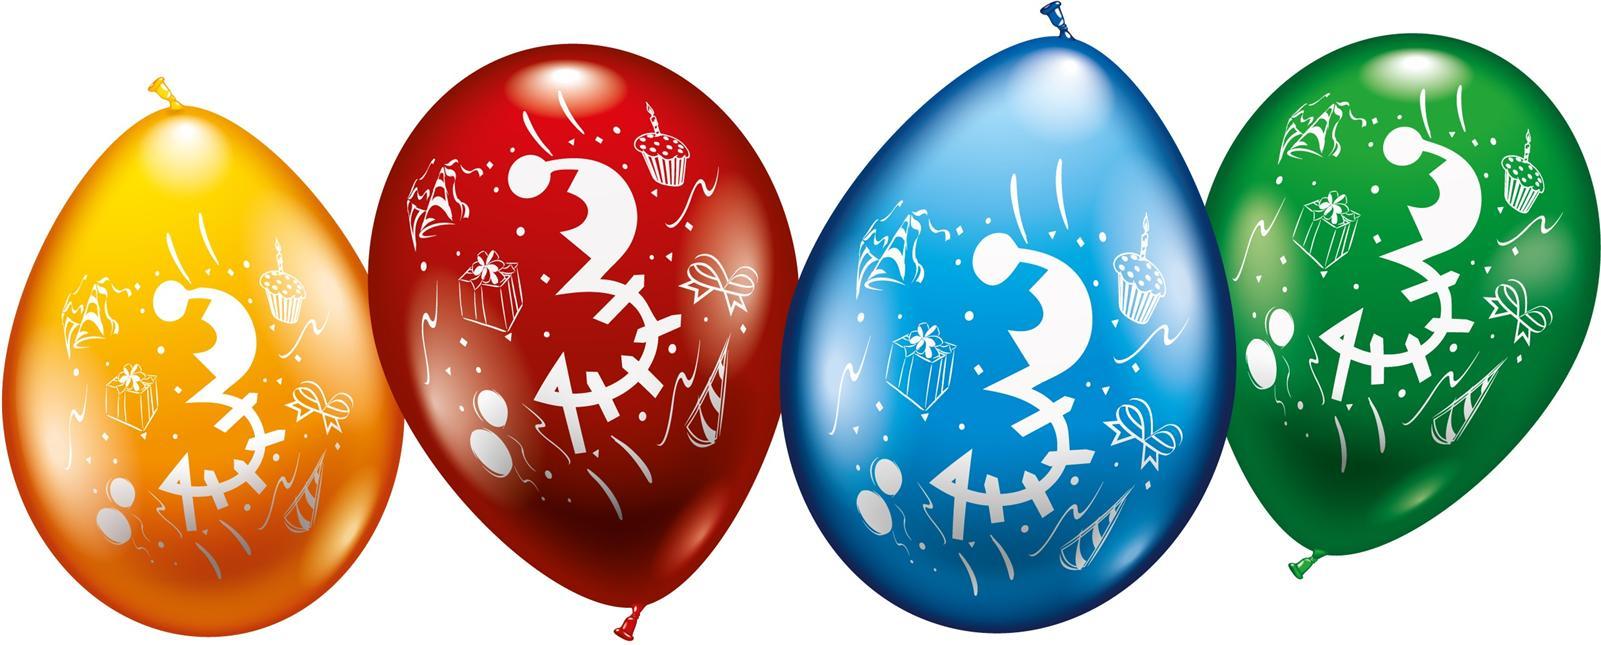 Zahlen Luftballons zum 3. Geburtstag Helium geeignet